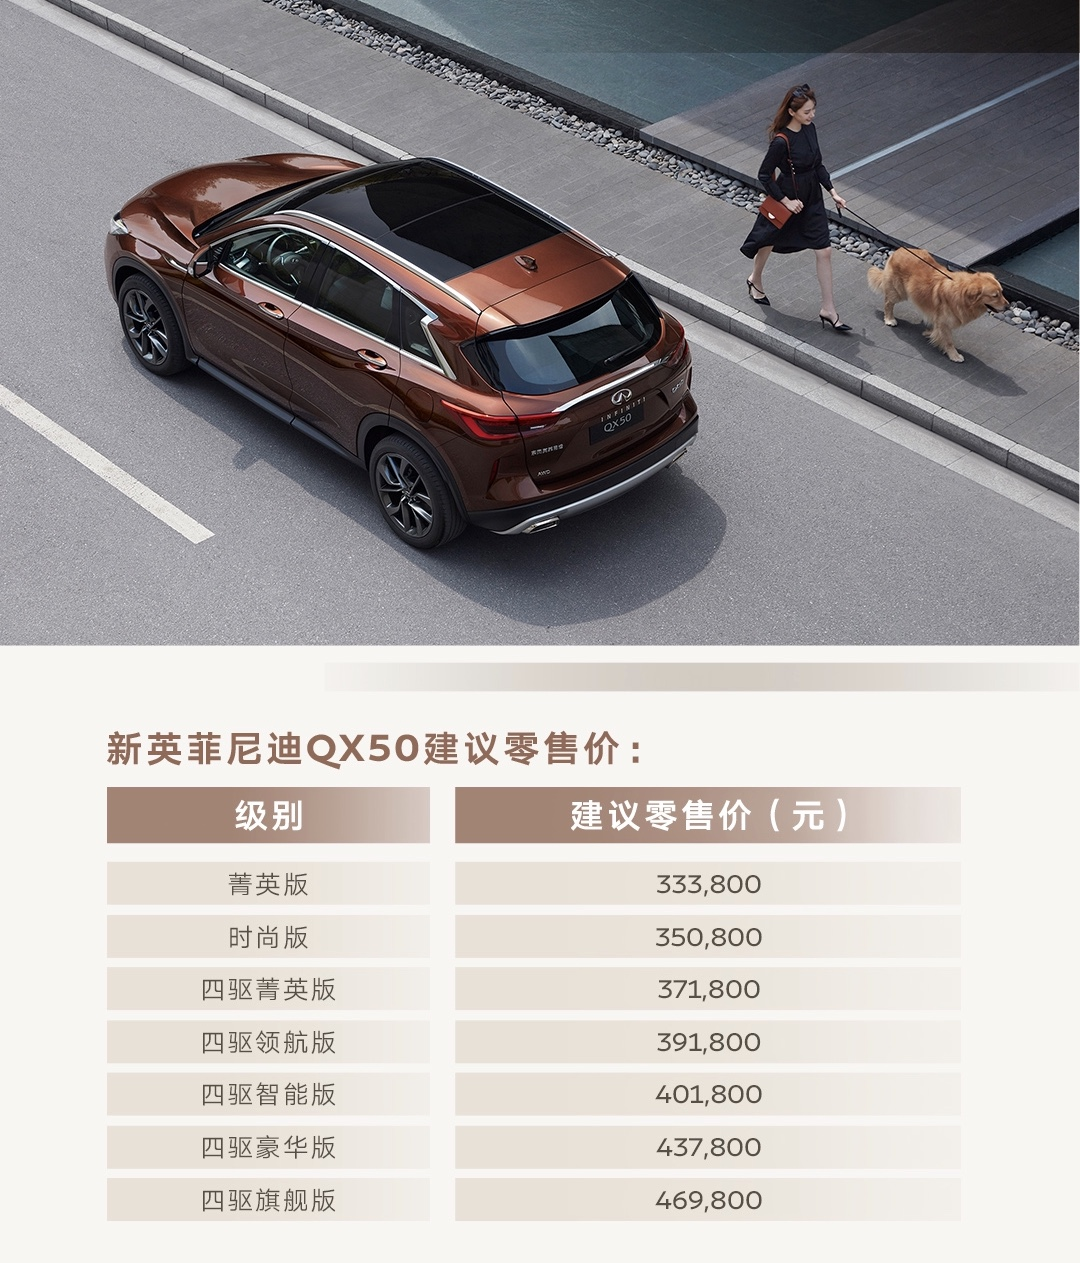 33.38万起售的新英菲尼迪QX50,为何不急着追赶L3这趟车? 【图】